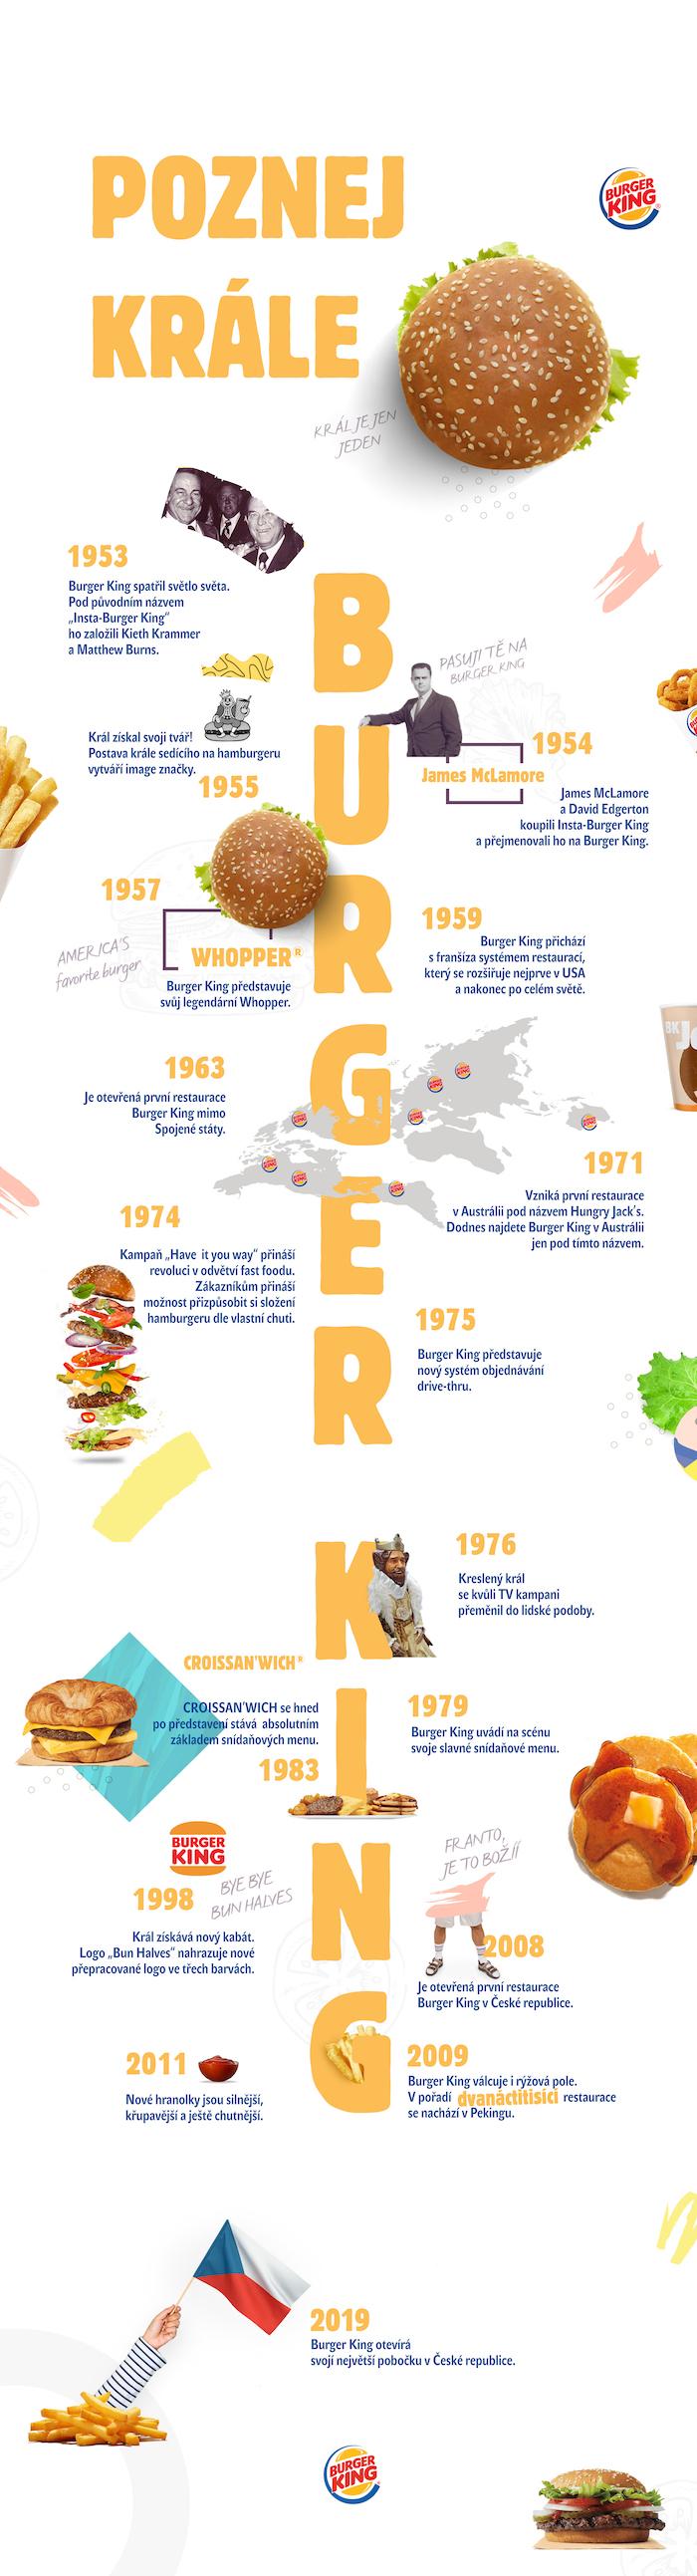 Historie značky Burger King v kostce, zdroj: AmRest